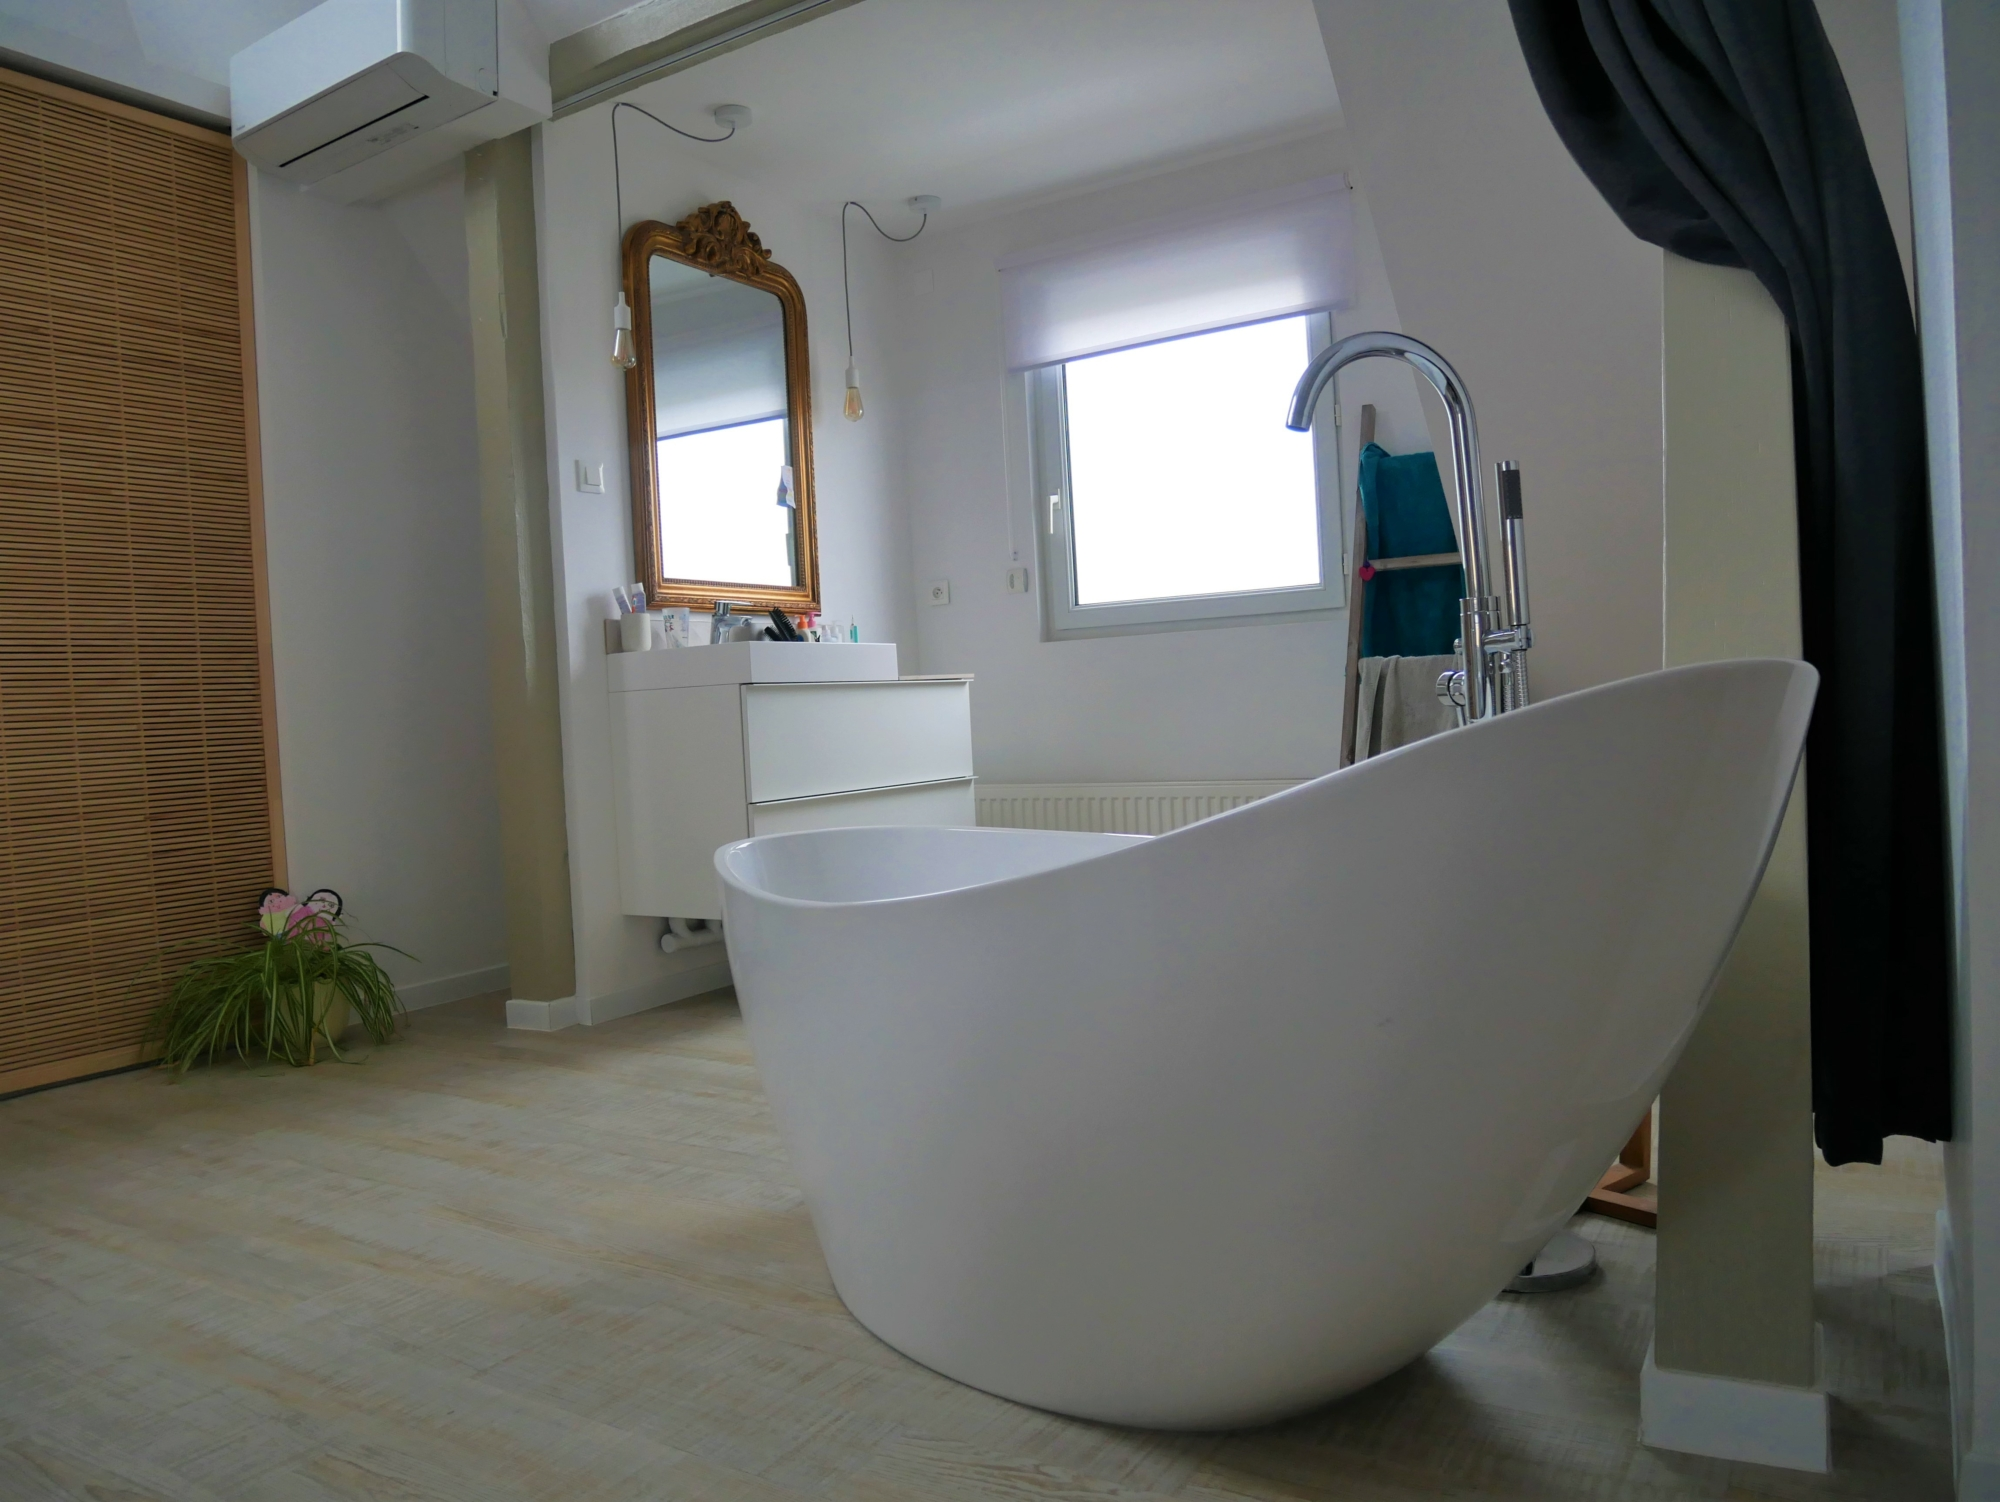 [Pool] Maison 6 pièces meublée avec piscine et jardin / Illkirch - Route de Lyon - nos locations - Beausite Immobilier 9